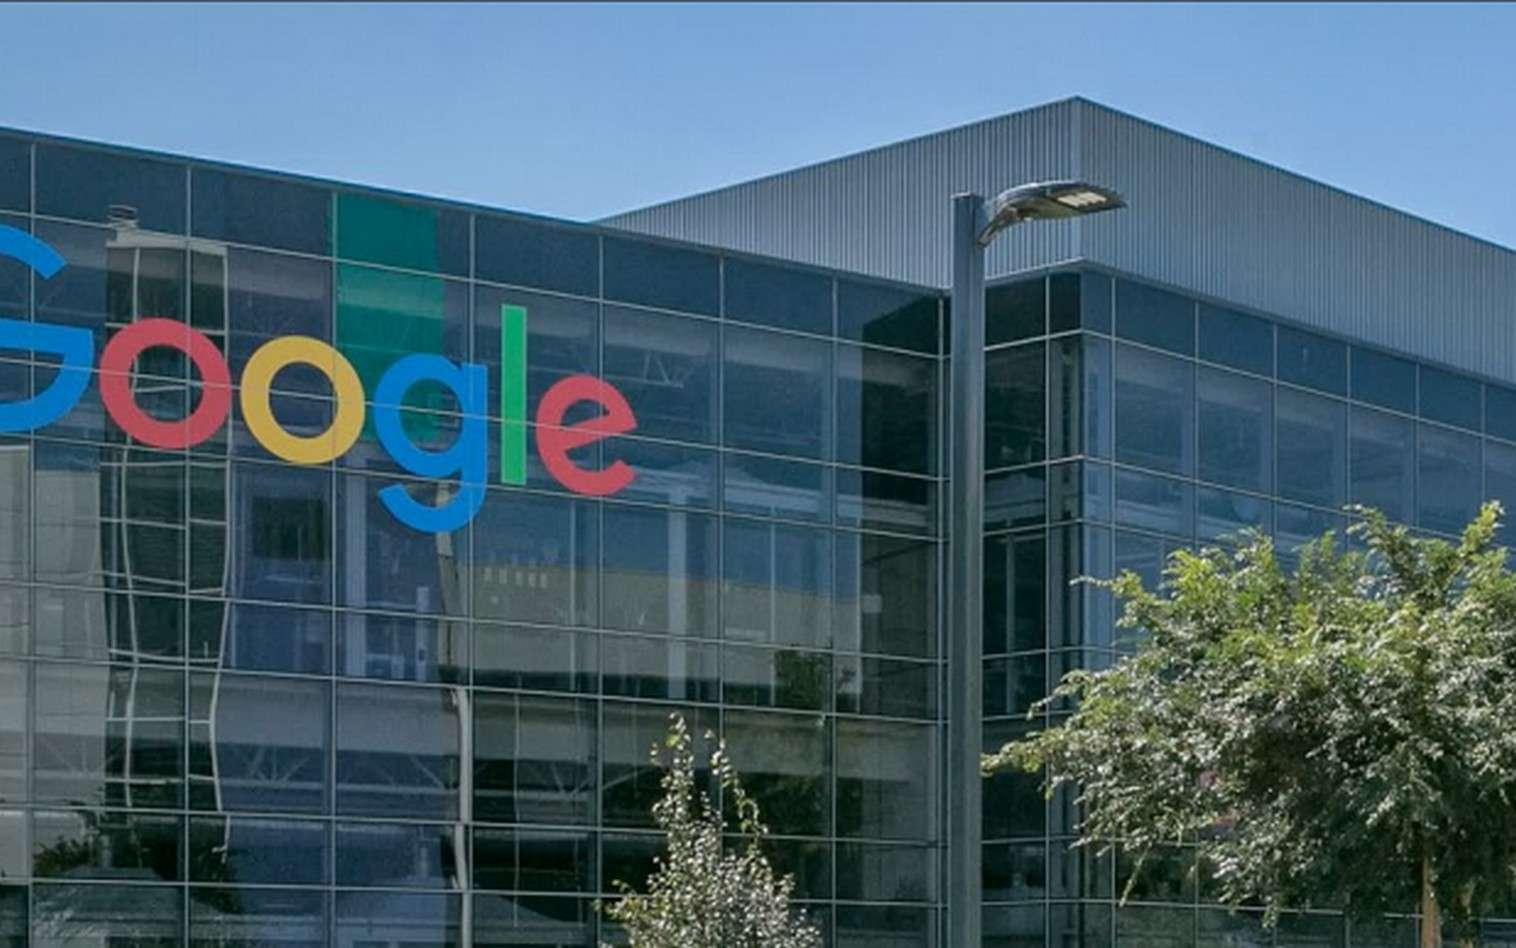 Entre 2013 et 2016, Google dit avoir réduit de 40 % la quantité d'eau potable consommée par les salariés de son siège californien. © Google